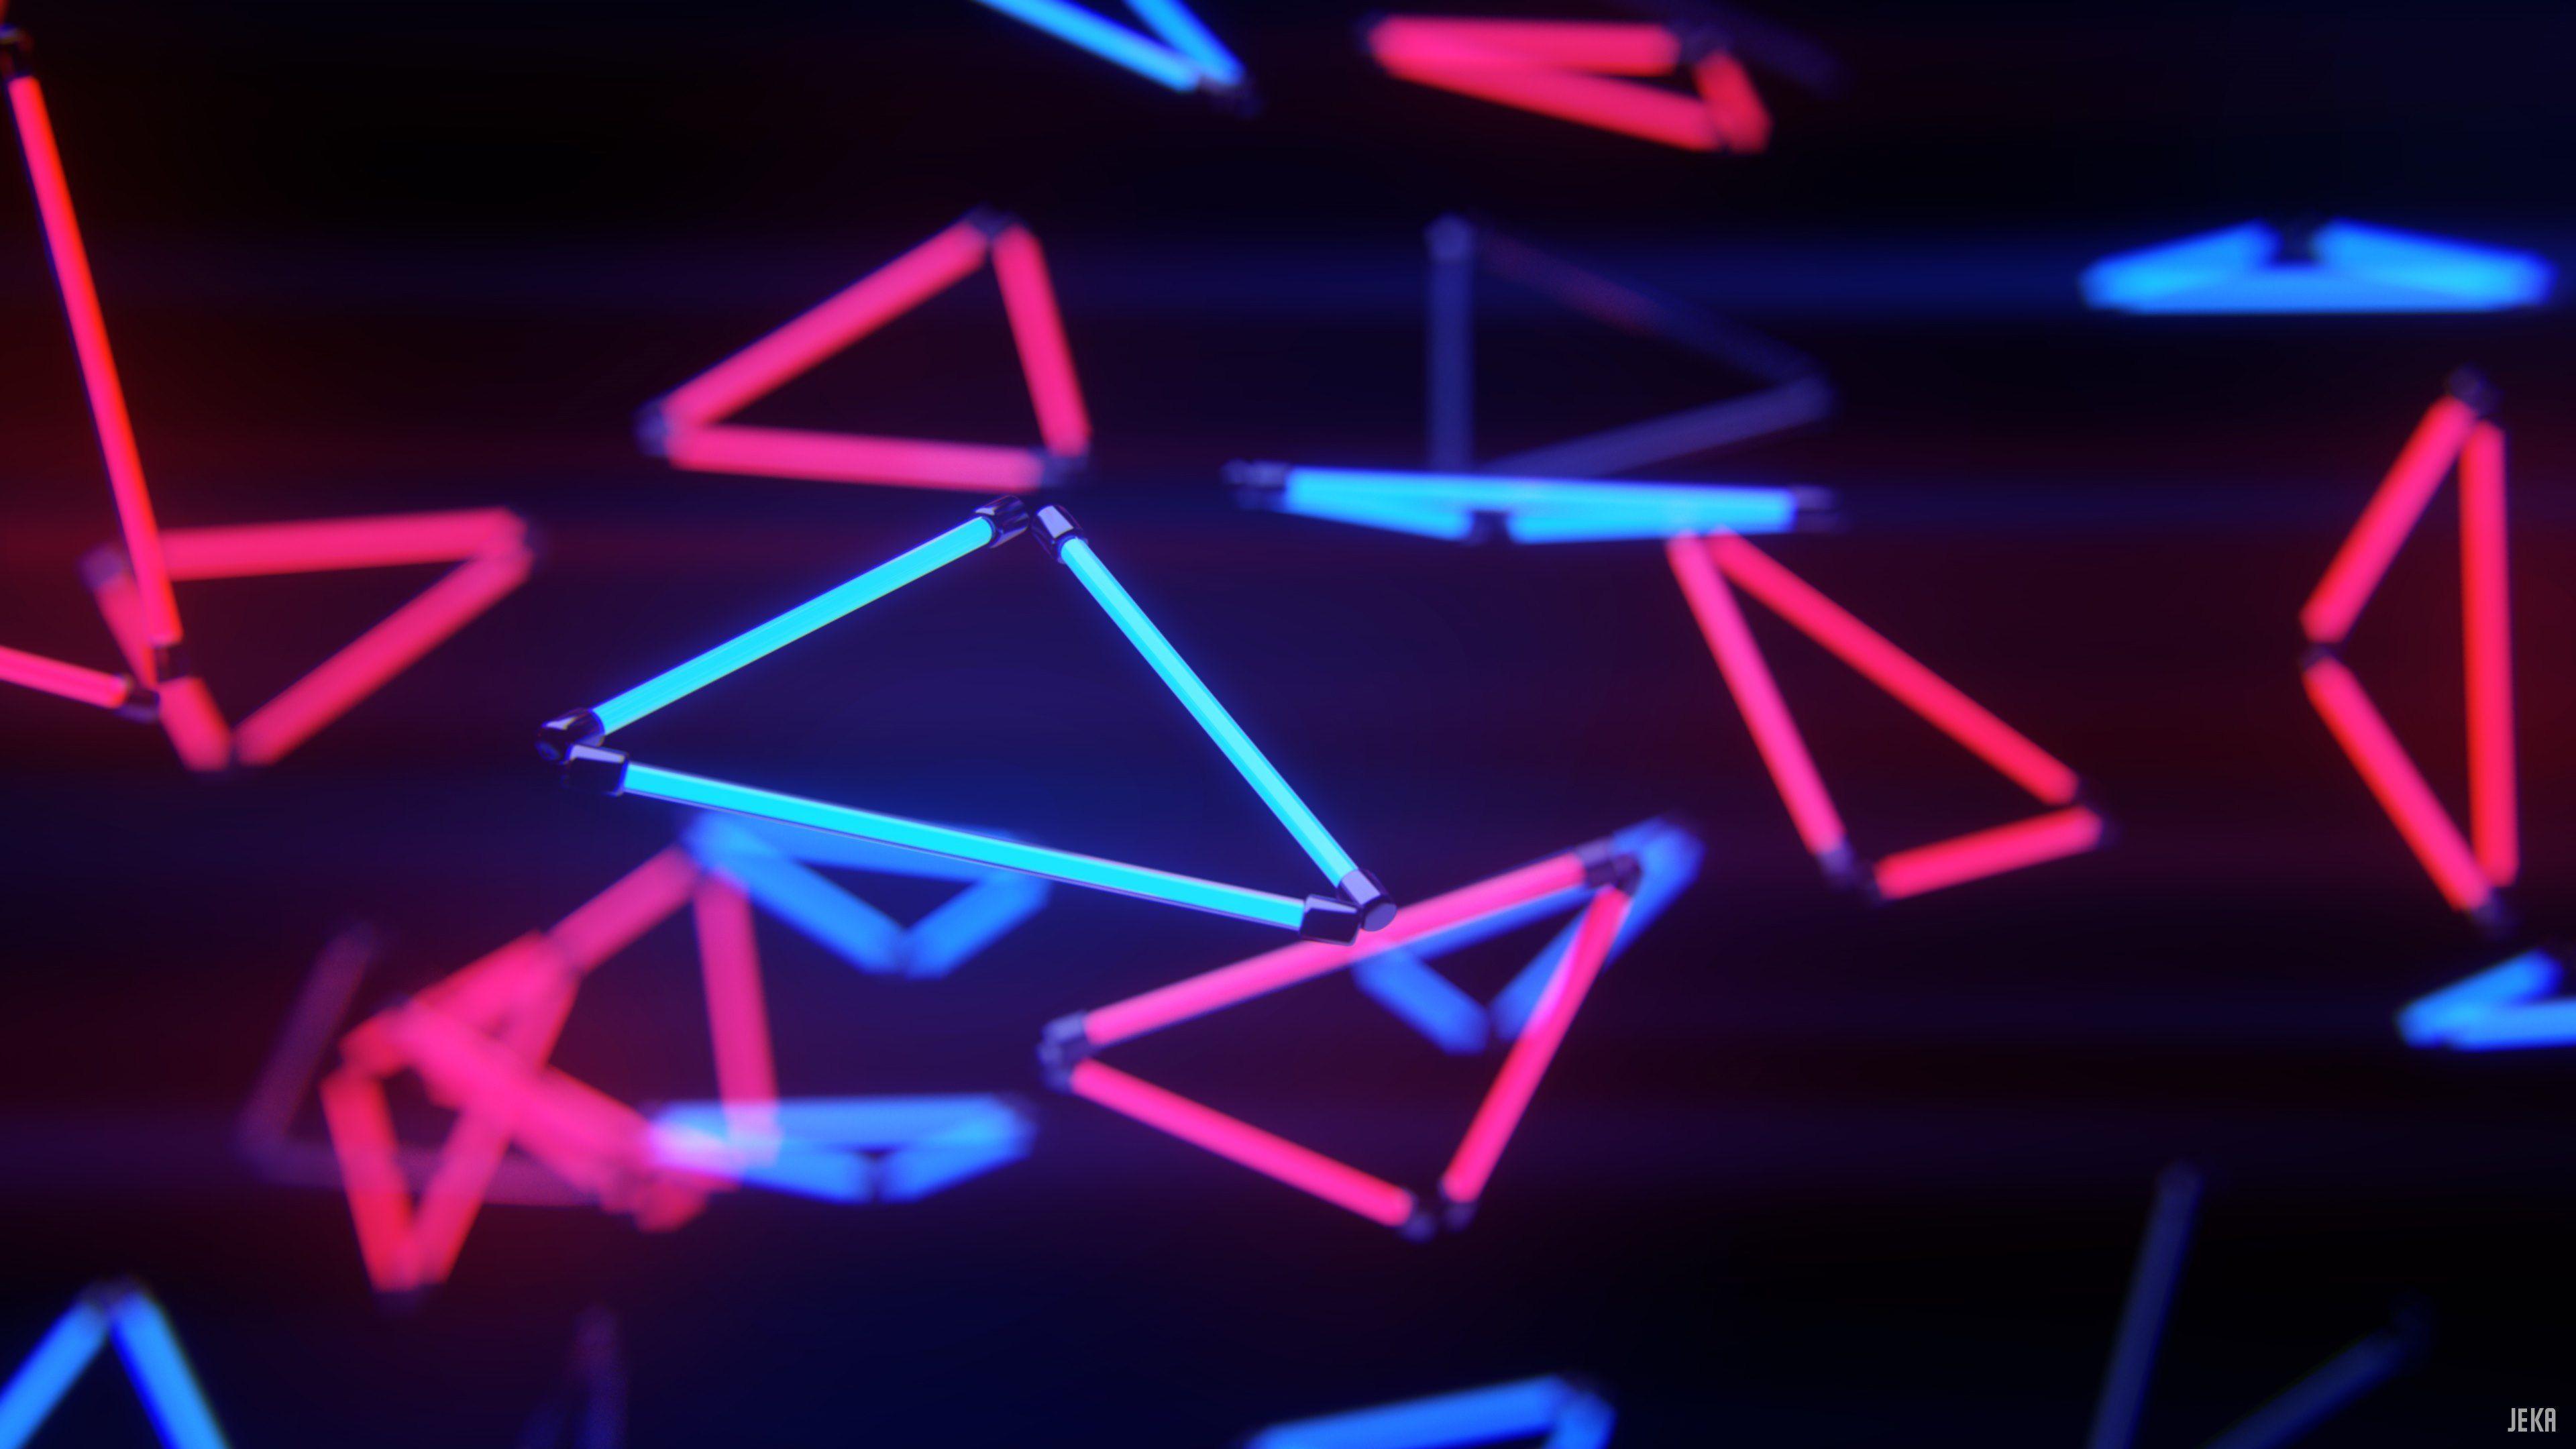 3840x2160 Giấy 4K - Hình nền Neon Stream